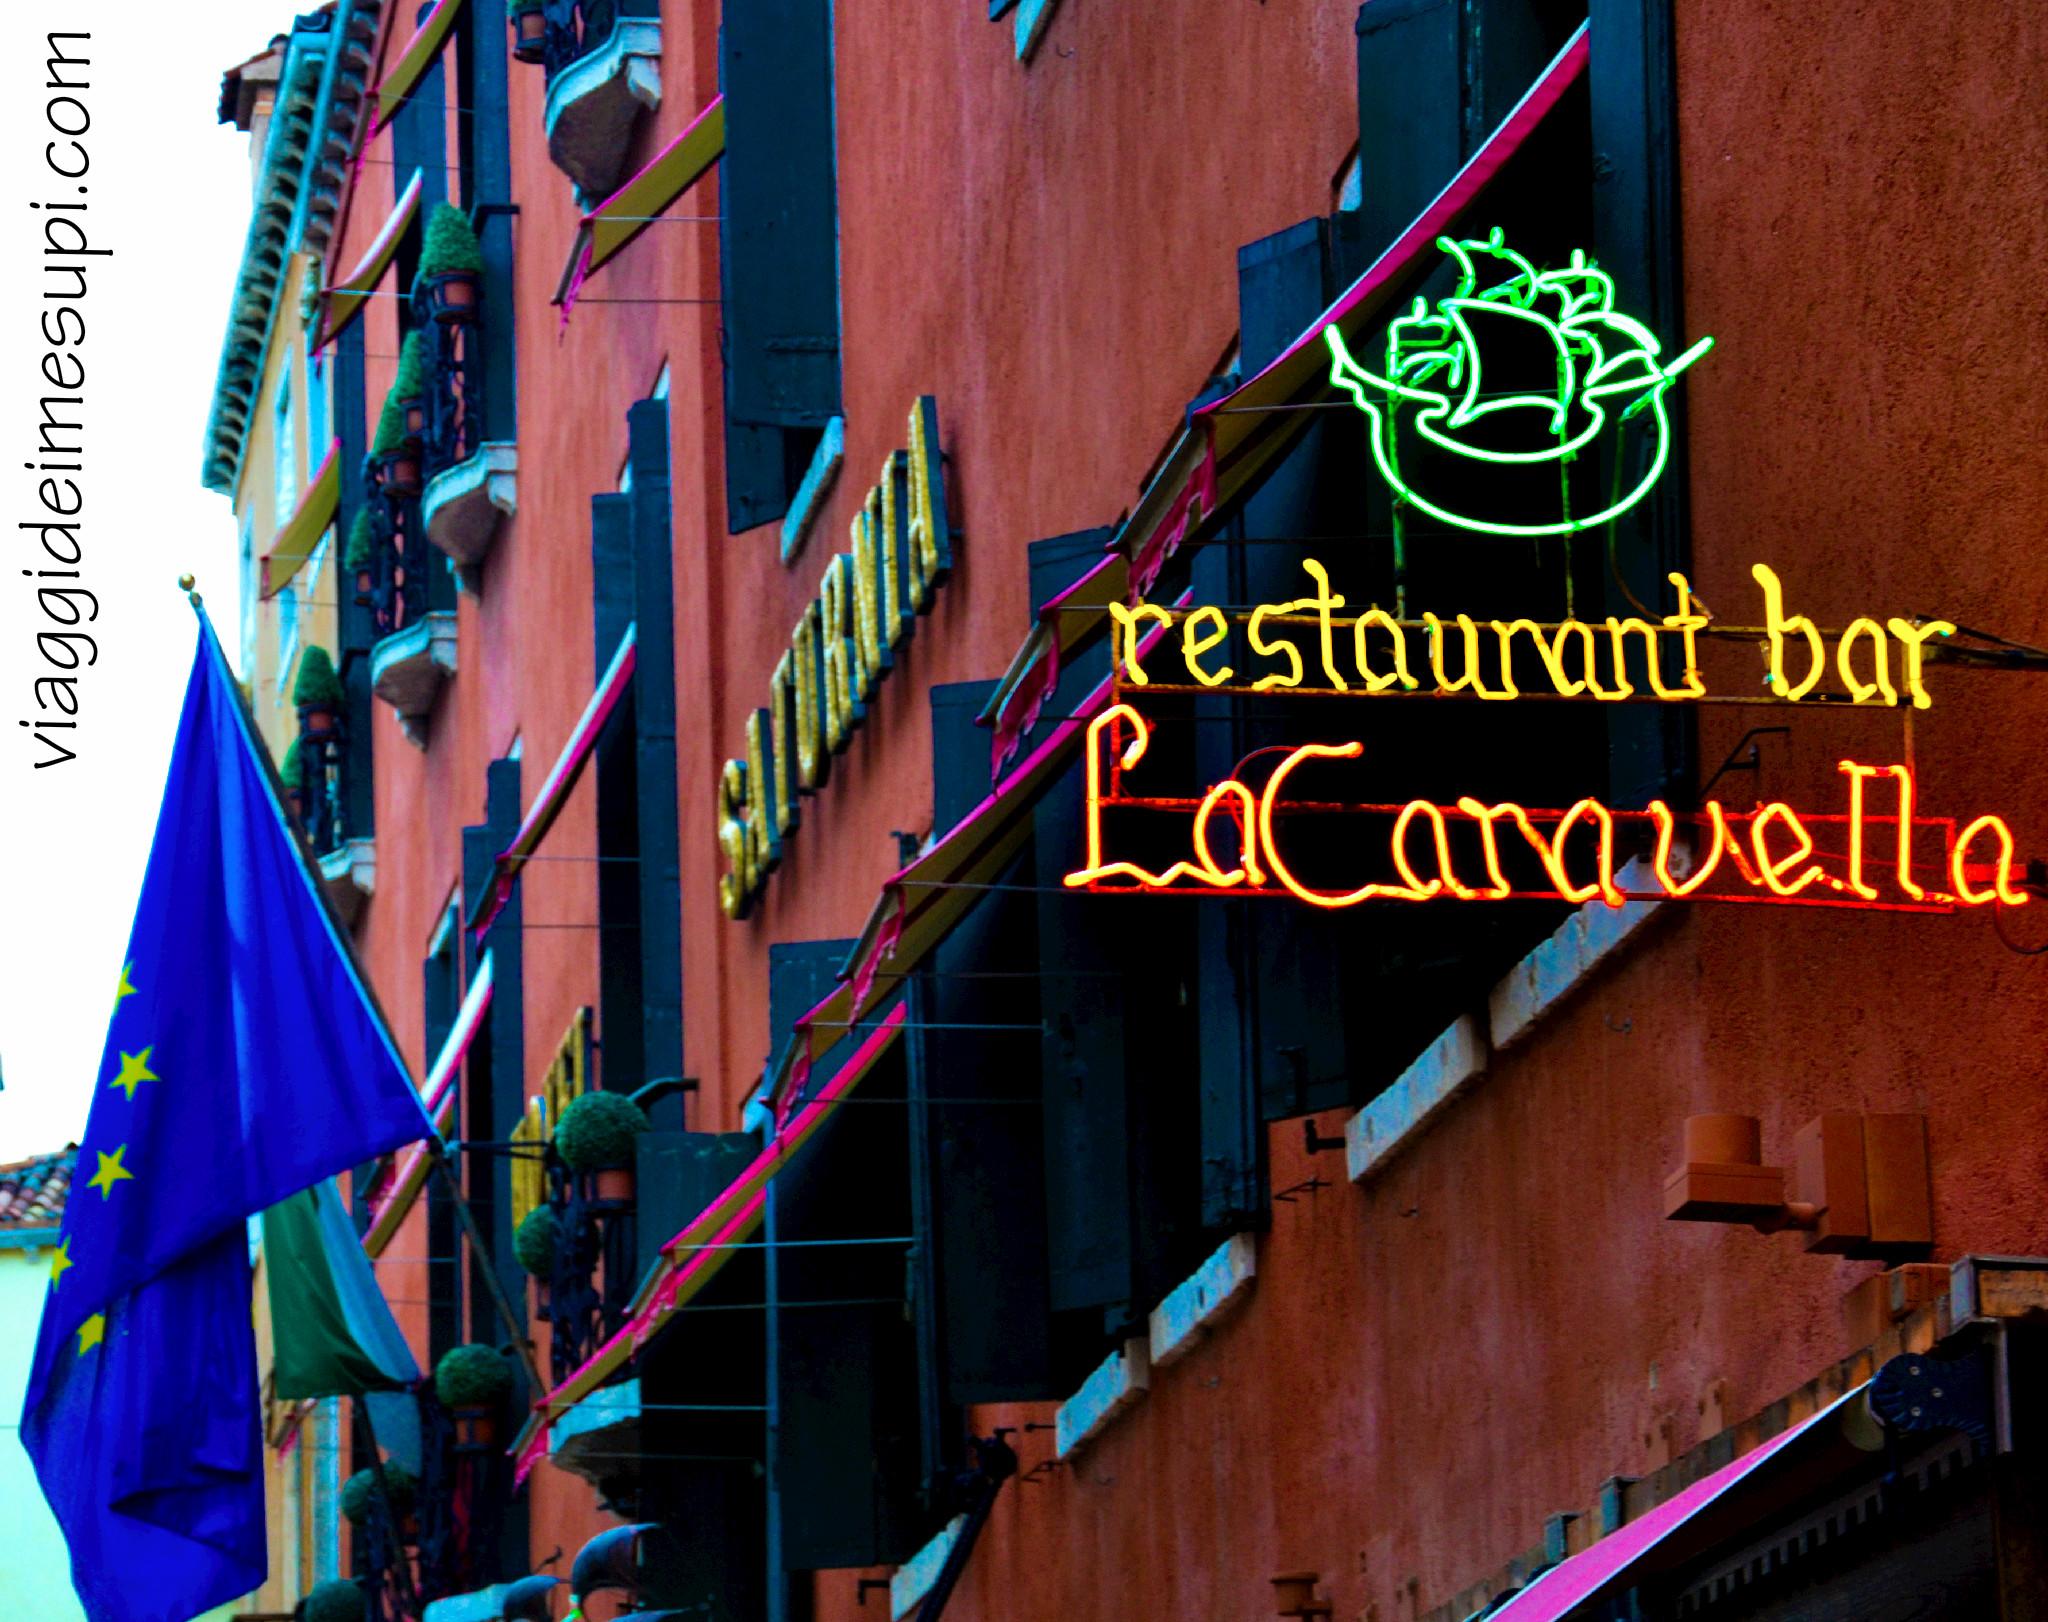 Hotel Saturnia International, ristorante La Caravella